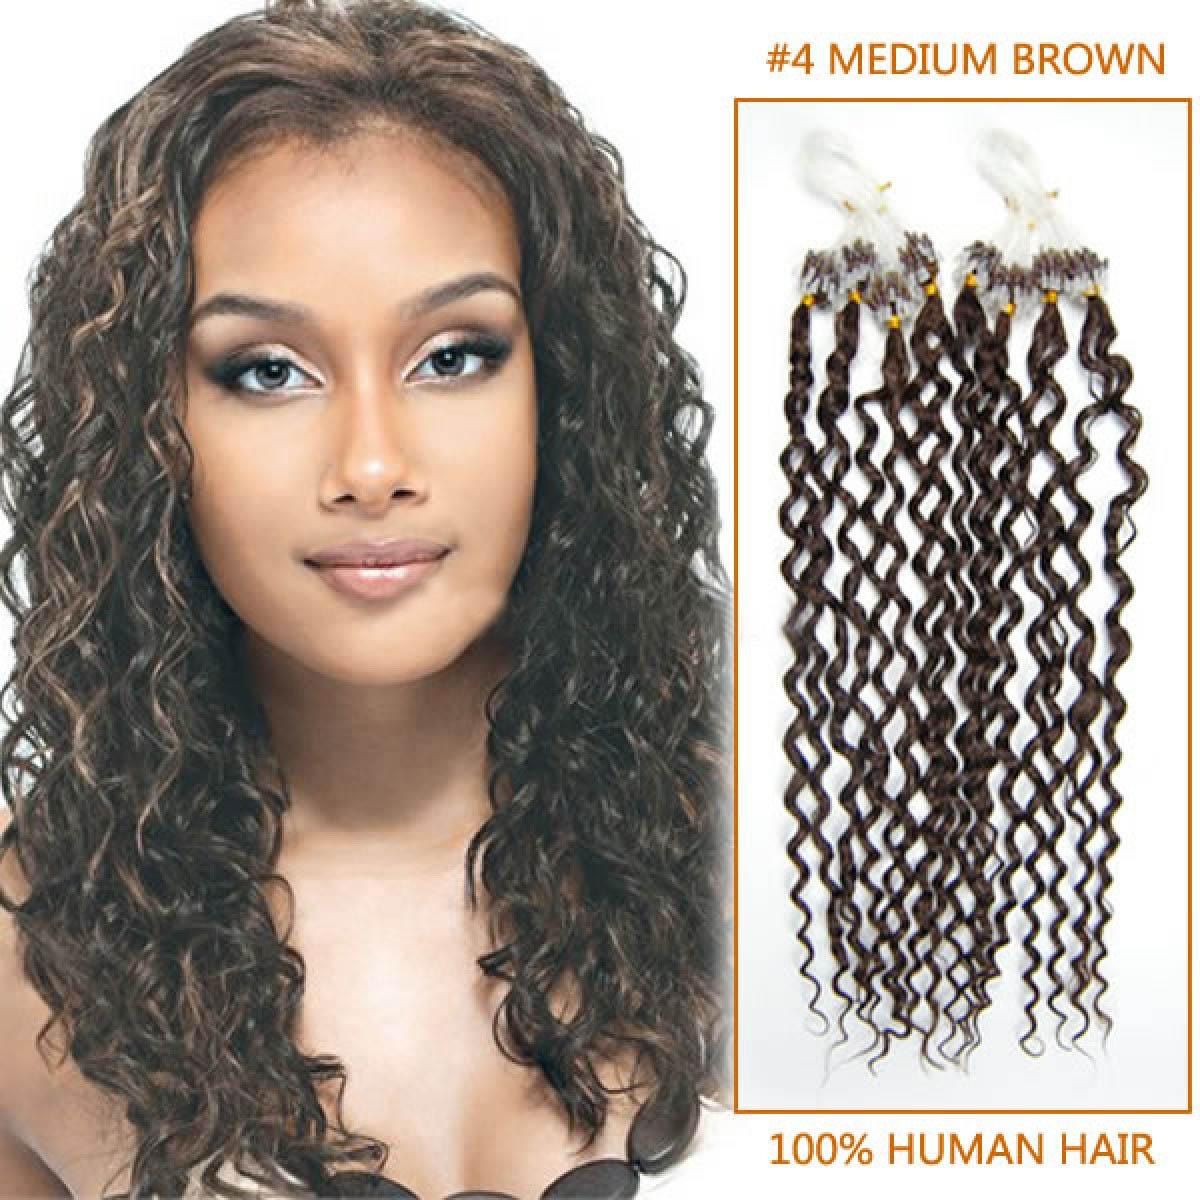 20 Inch 4 Medium Brown Deep Curly Micro Loop Hair Extensions 100